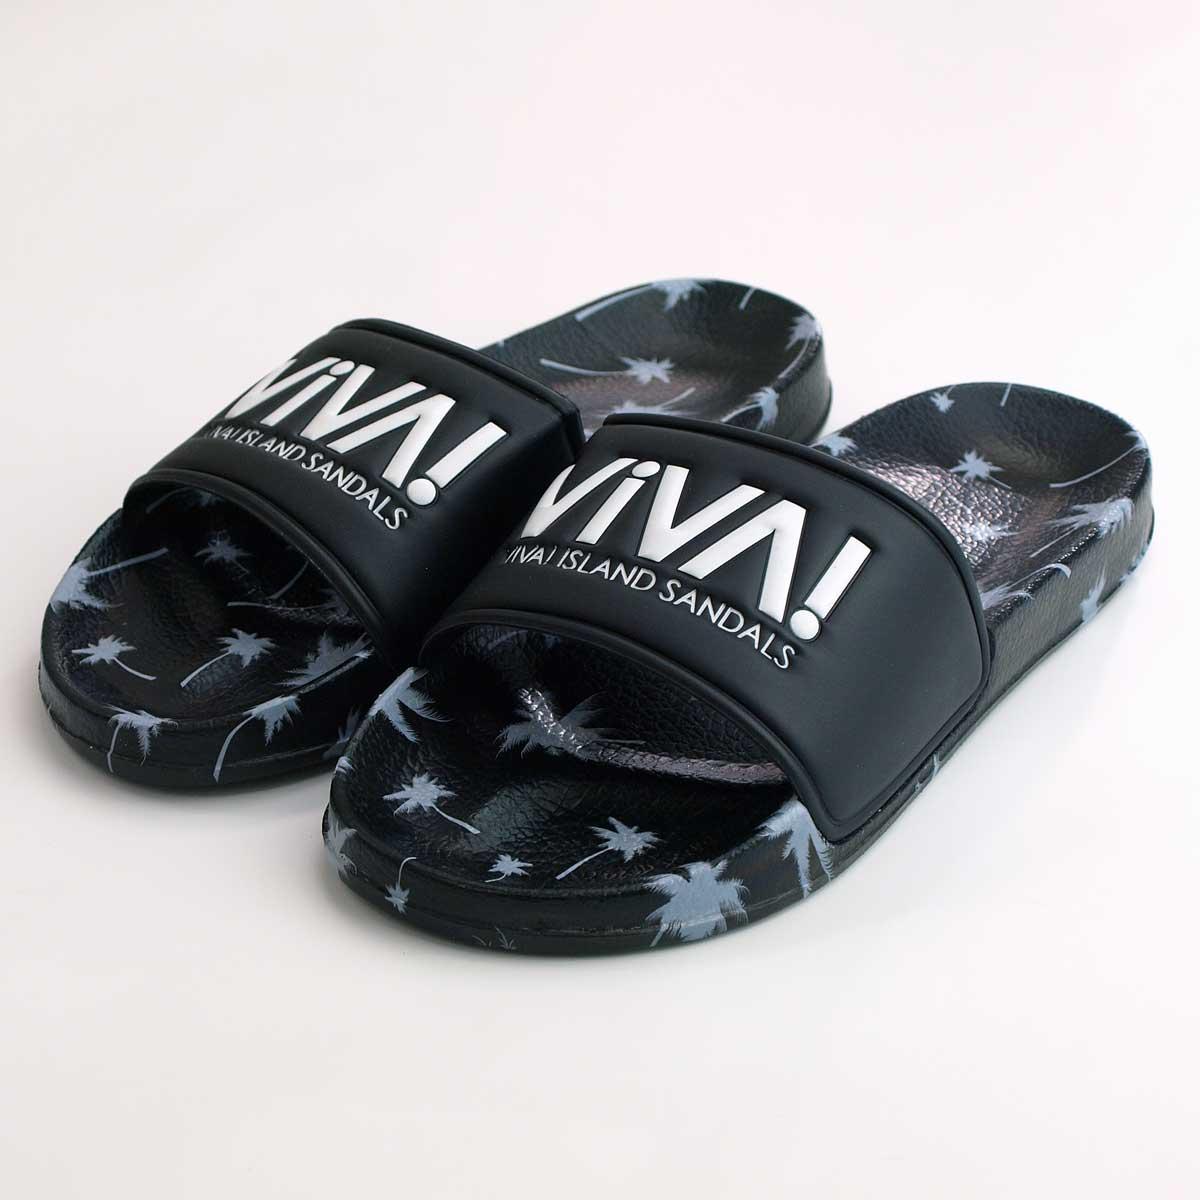 【沖縄、オフィシャルサイト限定】VIVA! ISLAND|(Black) ビバアイランド SHOWER SANDAL シャワーサンダル